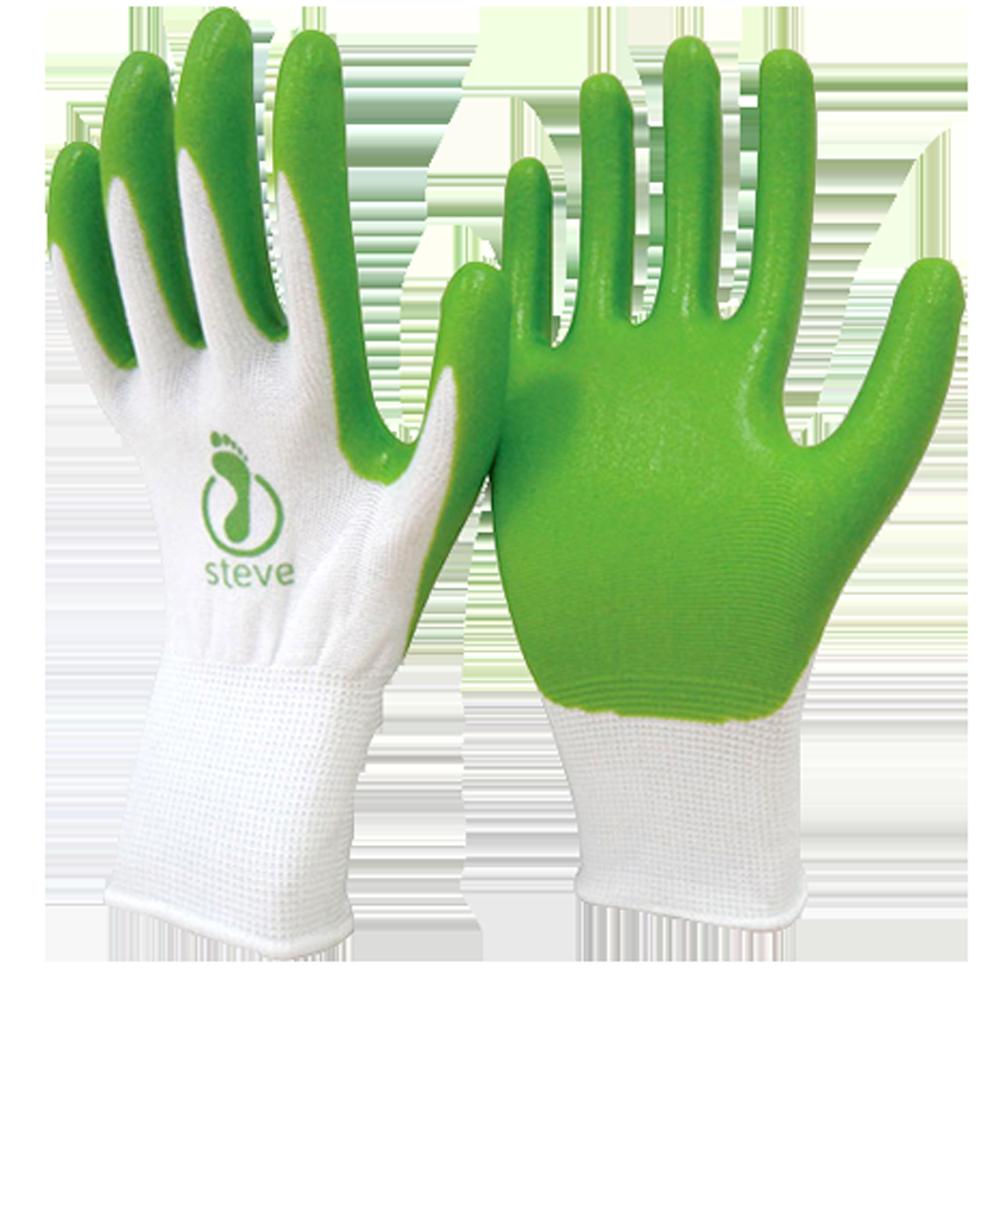 steve-gloves-1